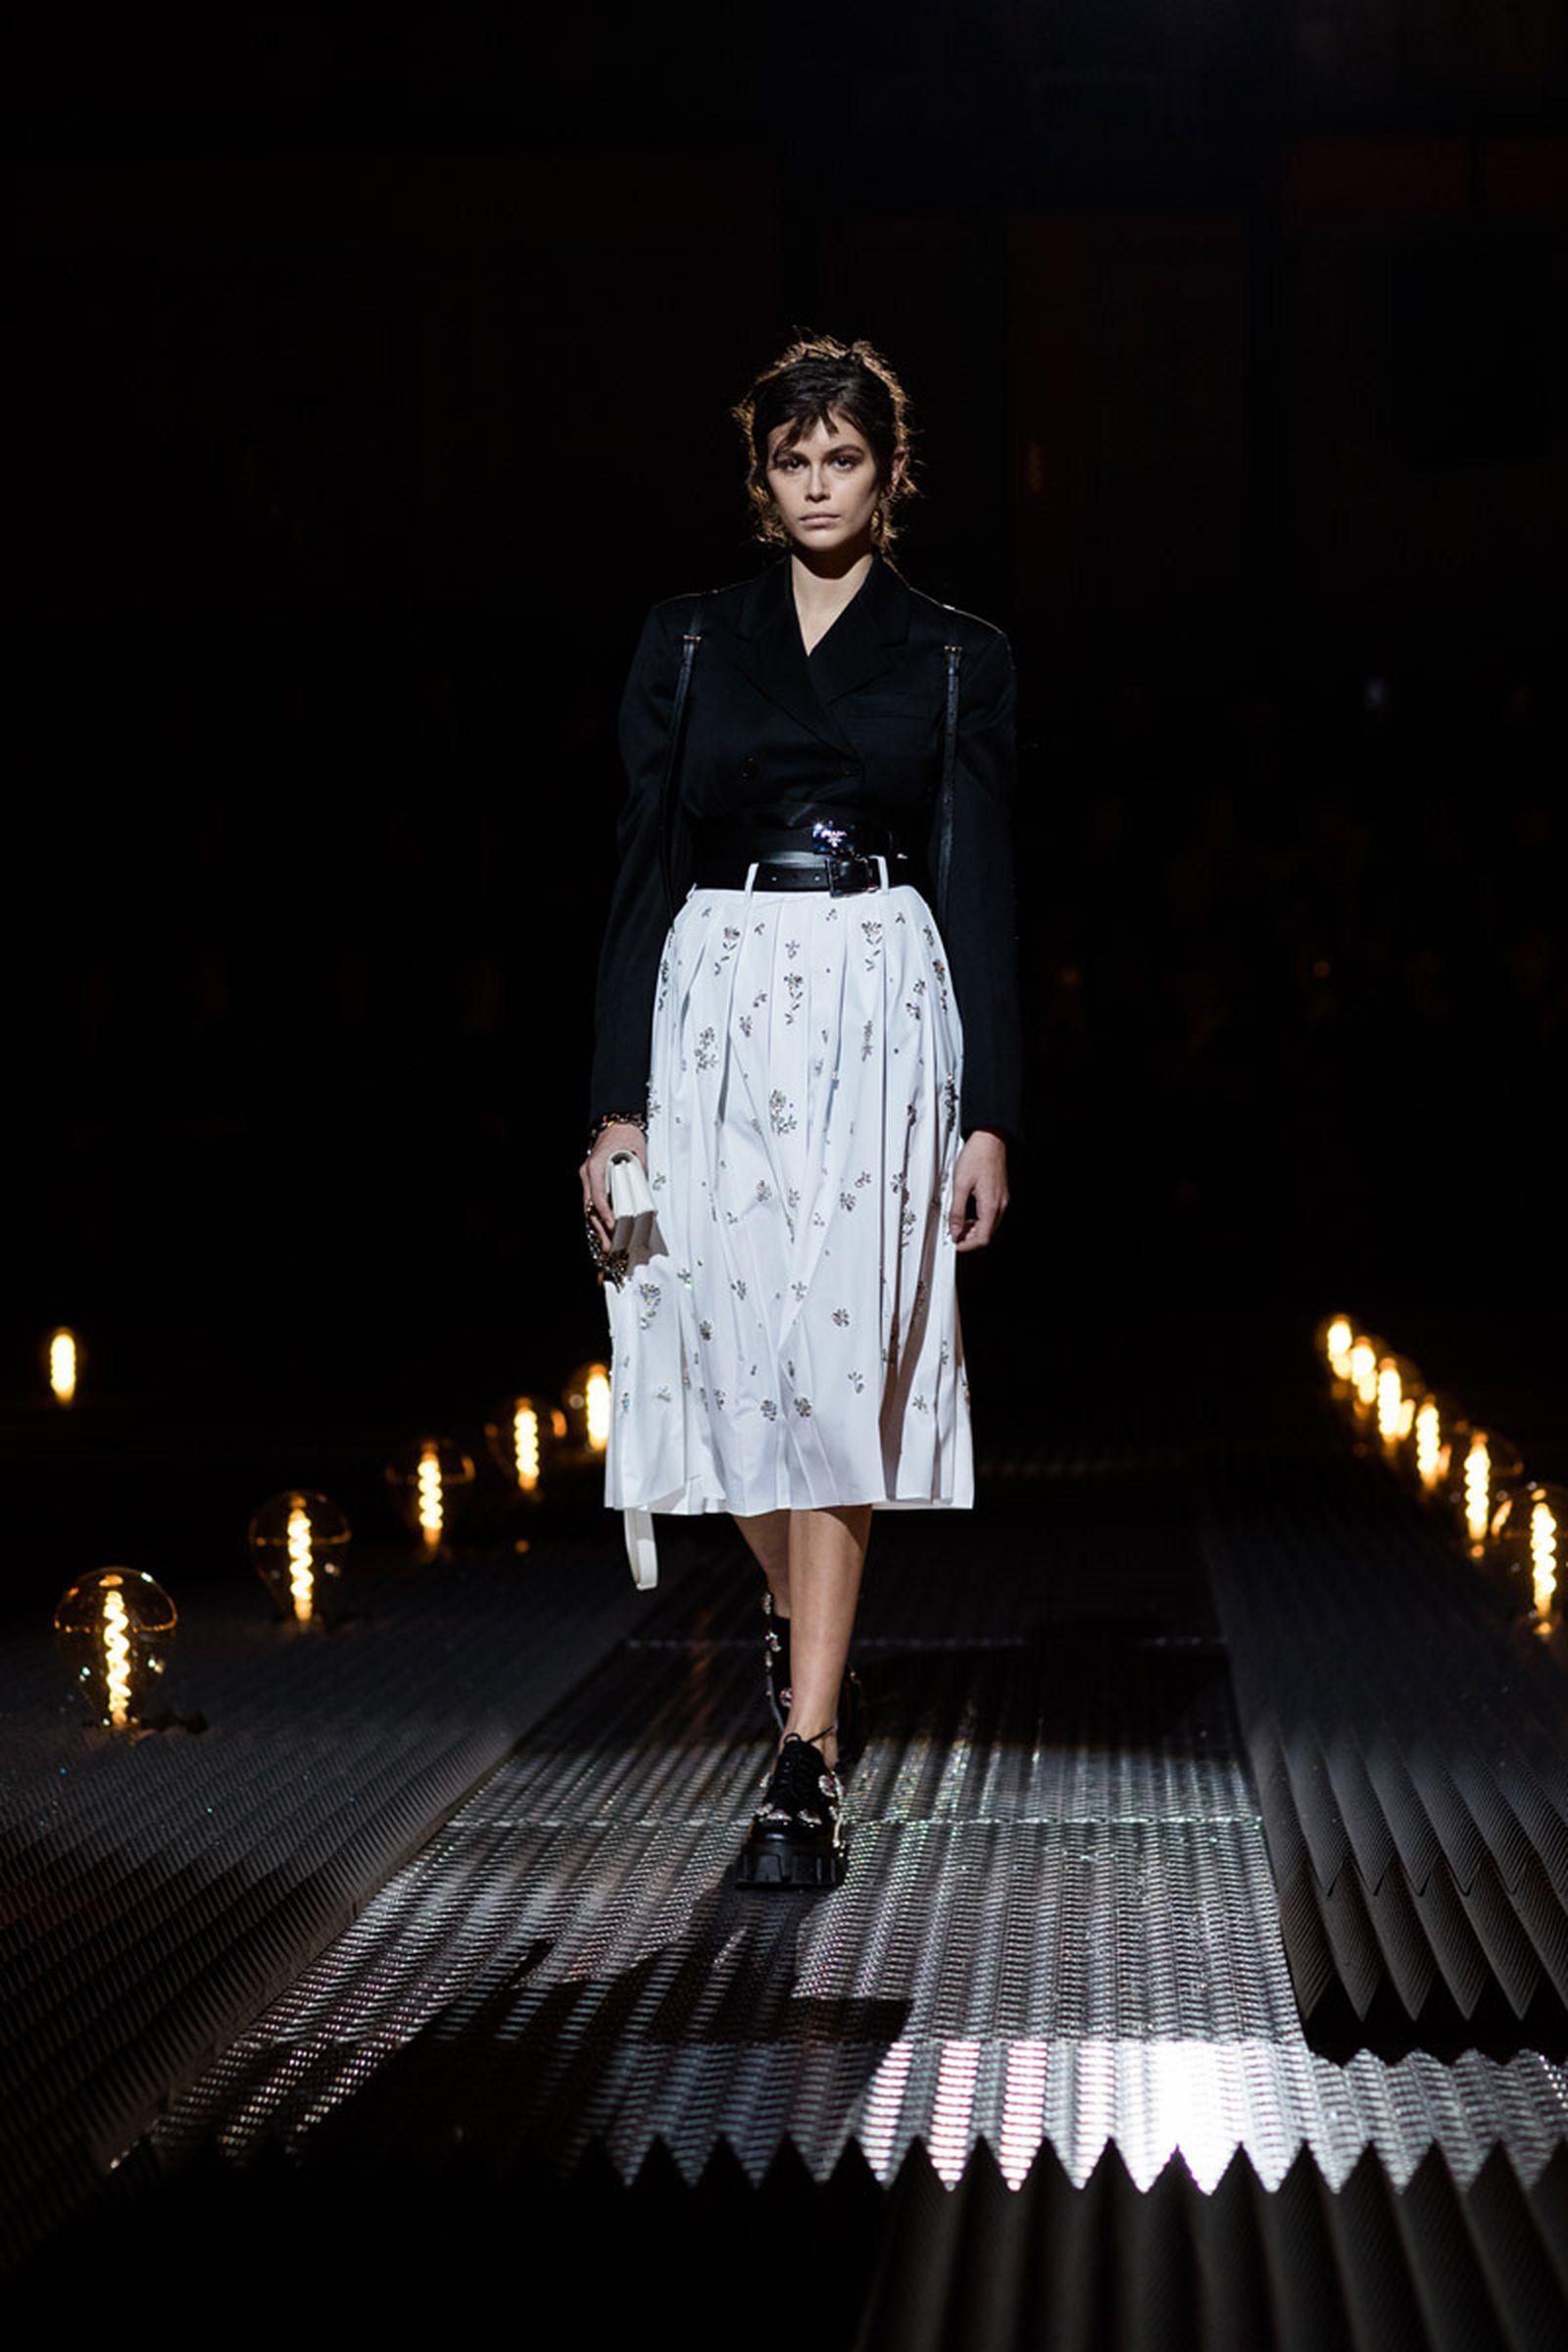 14prada fw19 milan fashion week rumway runway